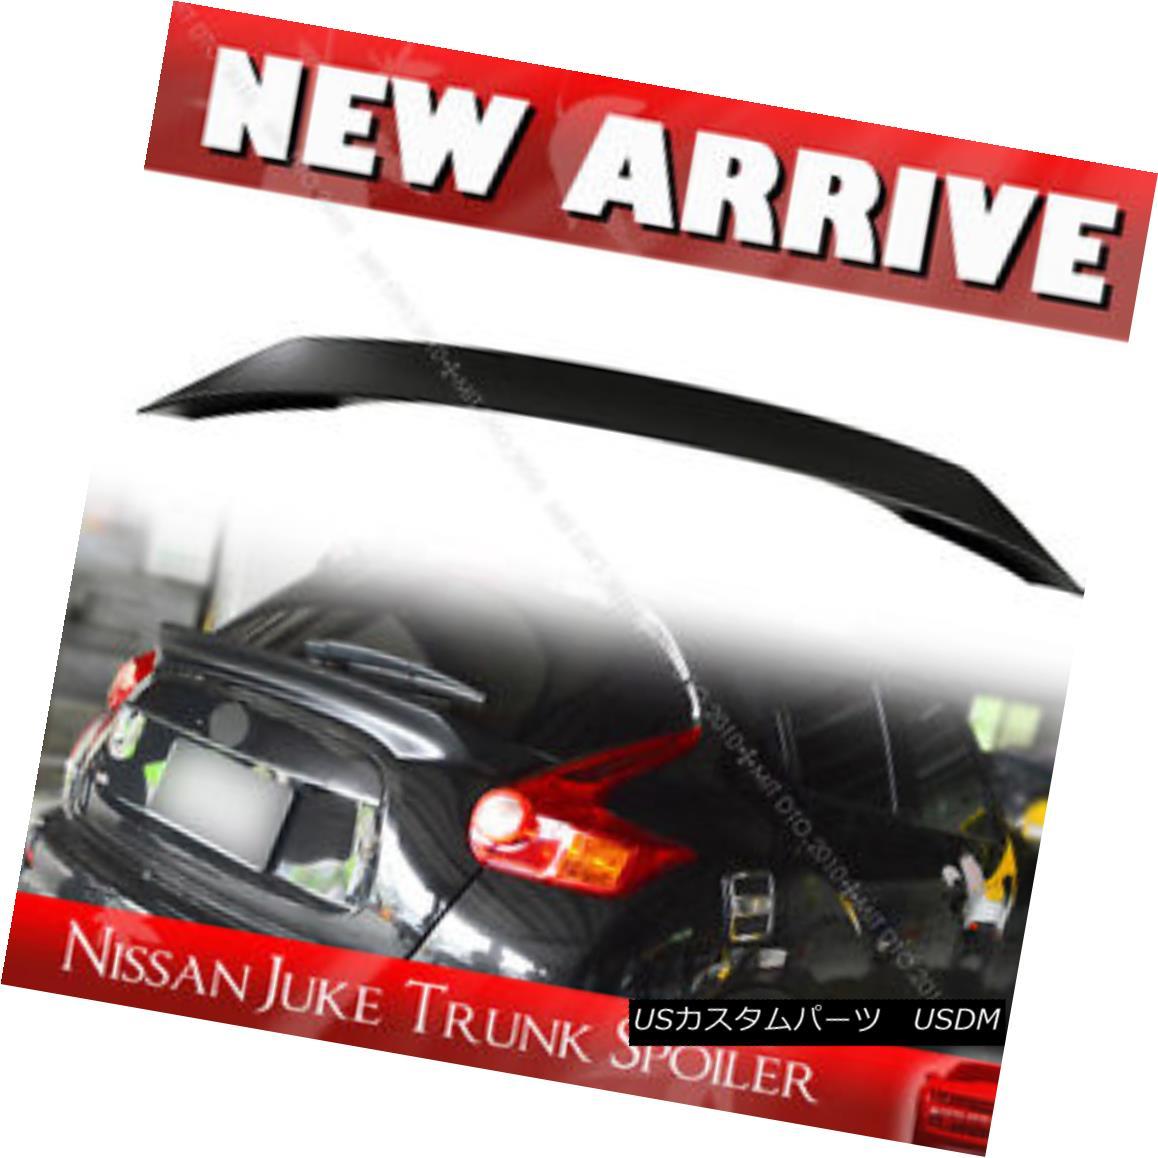 エアロパーツ Unpaint For Nissan JUKE 1st SUV Hatchback Rear Trunk Middle Spoiler 2017 日産自動車JUKE 1st SUVハッチバックリア・トランク・ミドル・スポイラー2017